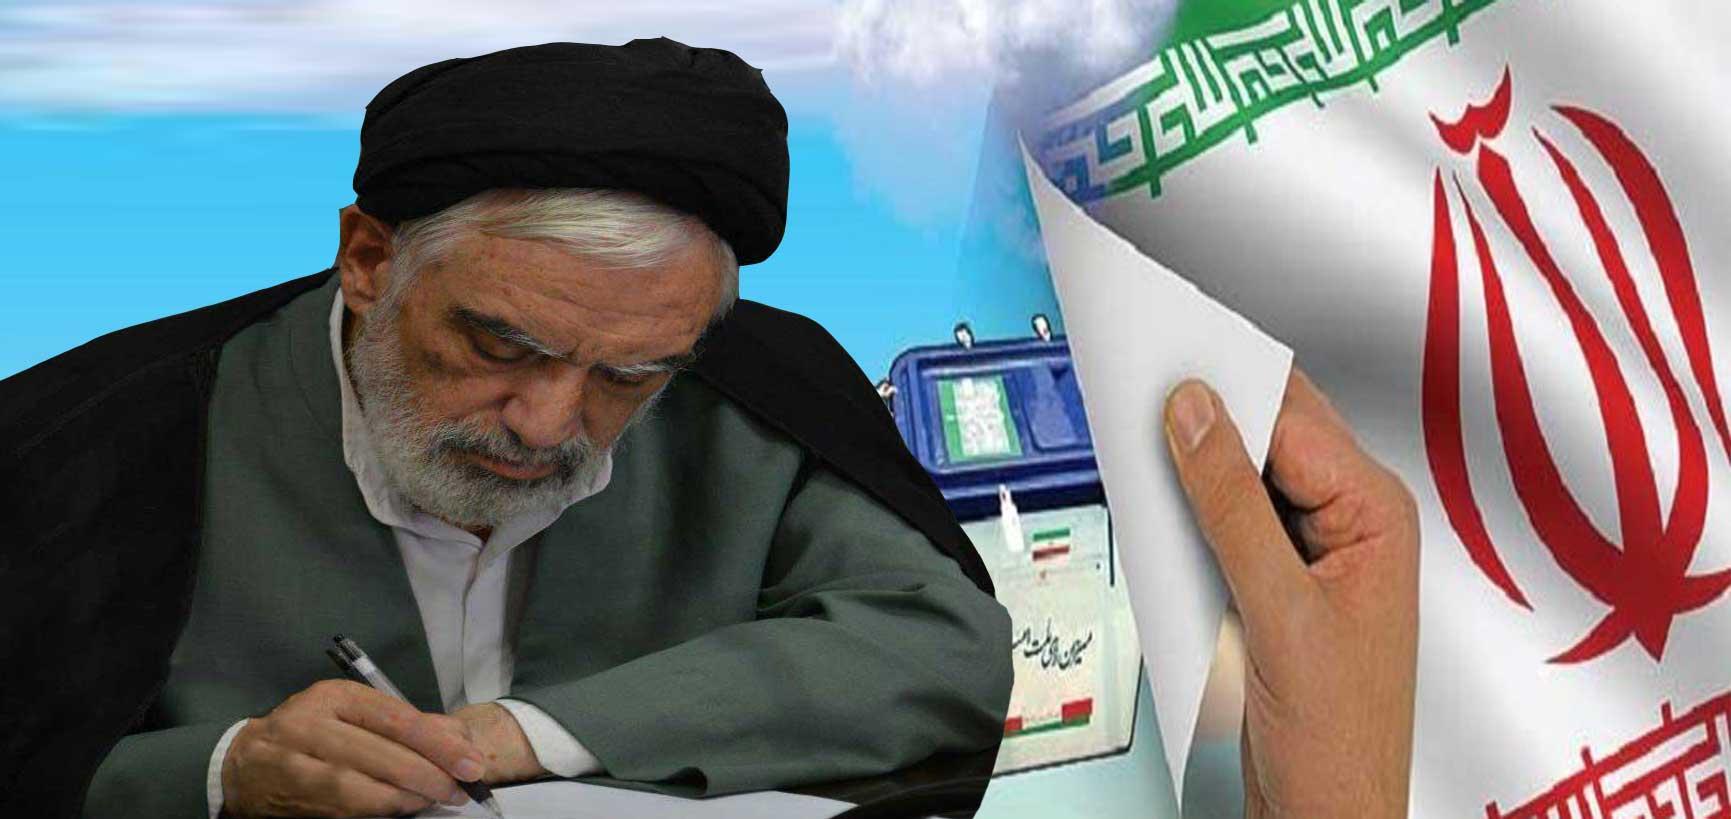 بیانیه تبریک برای حضور ارزشمند ملت آگاه ایران اسلامی در انتخابات